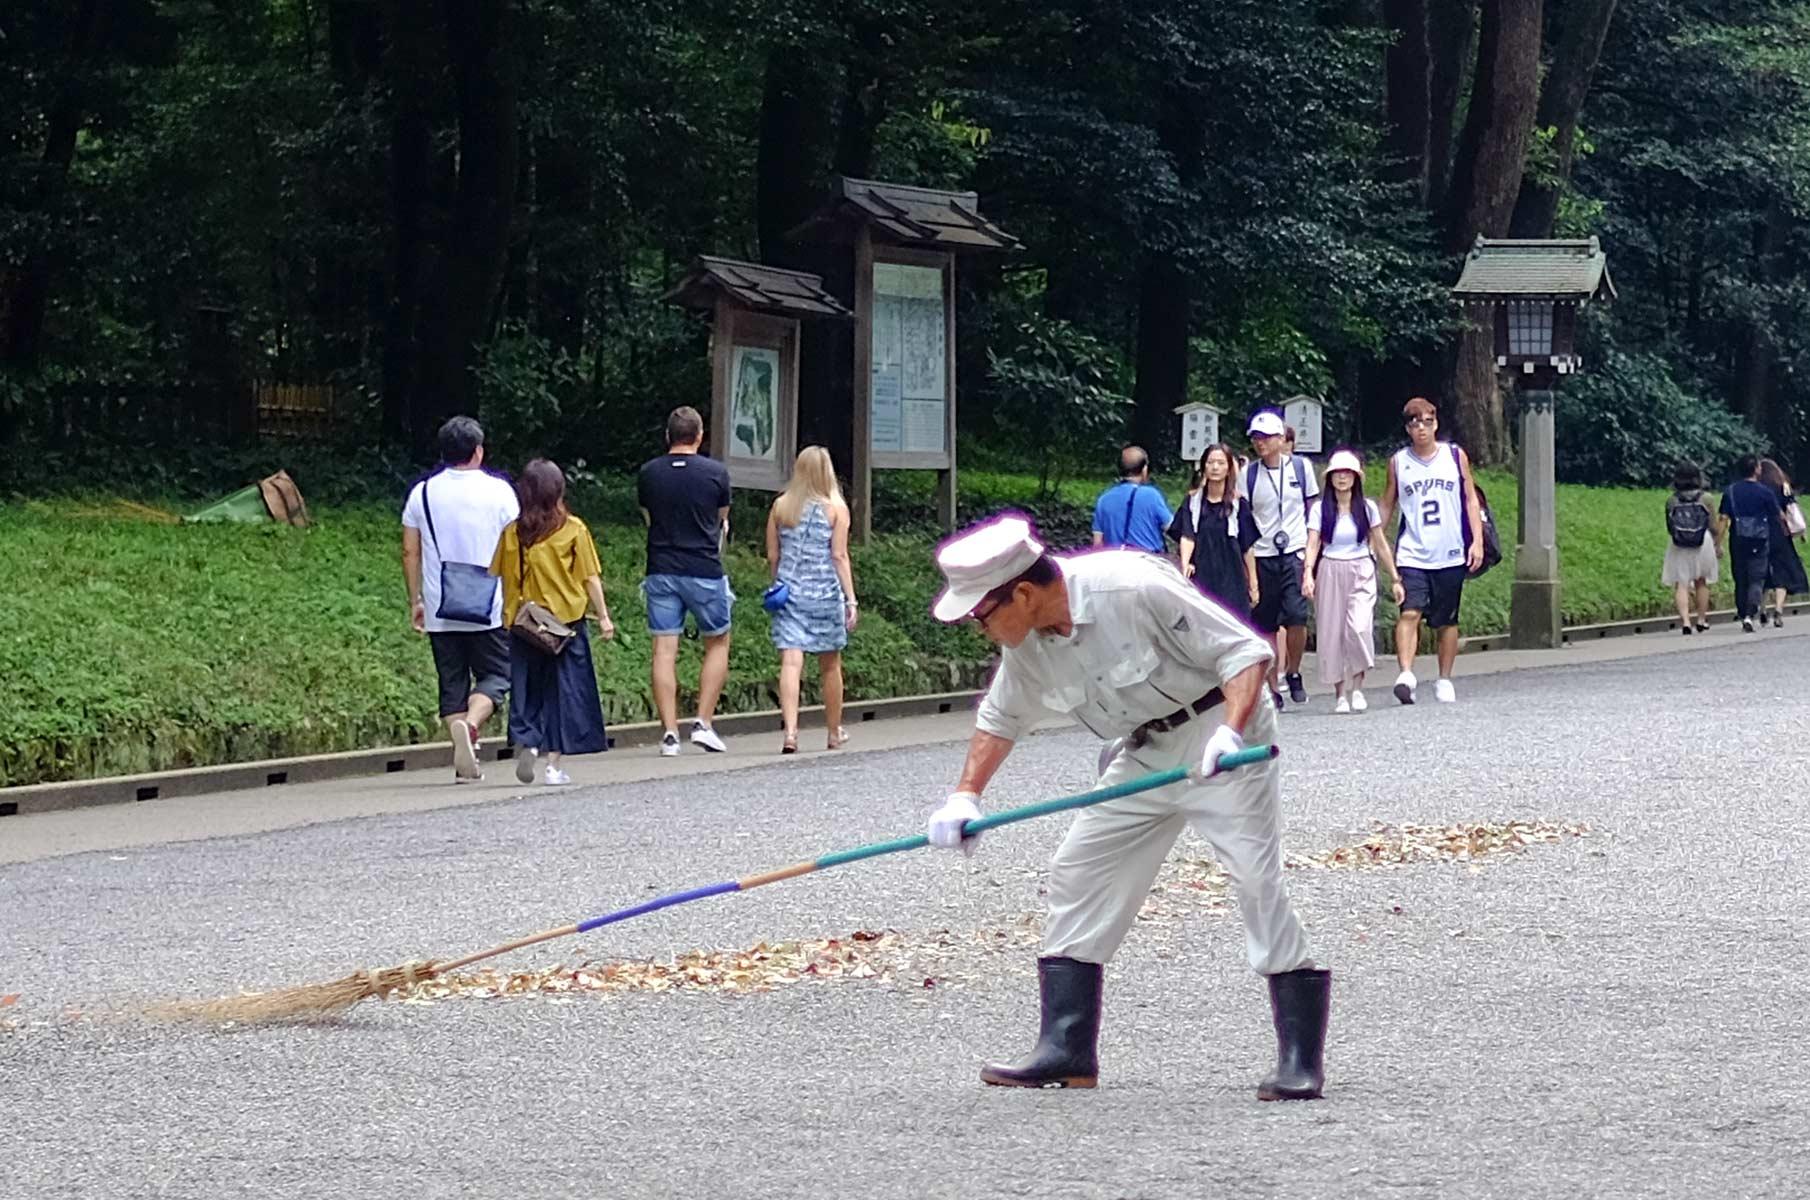 Laubkehren im Yoyogi Park in Tokyo, Japan